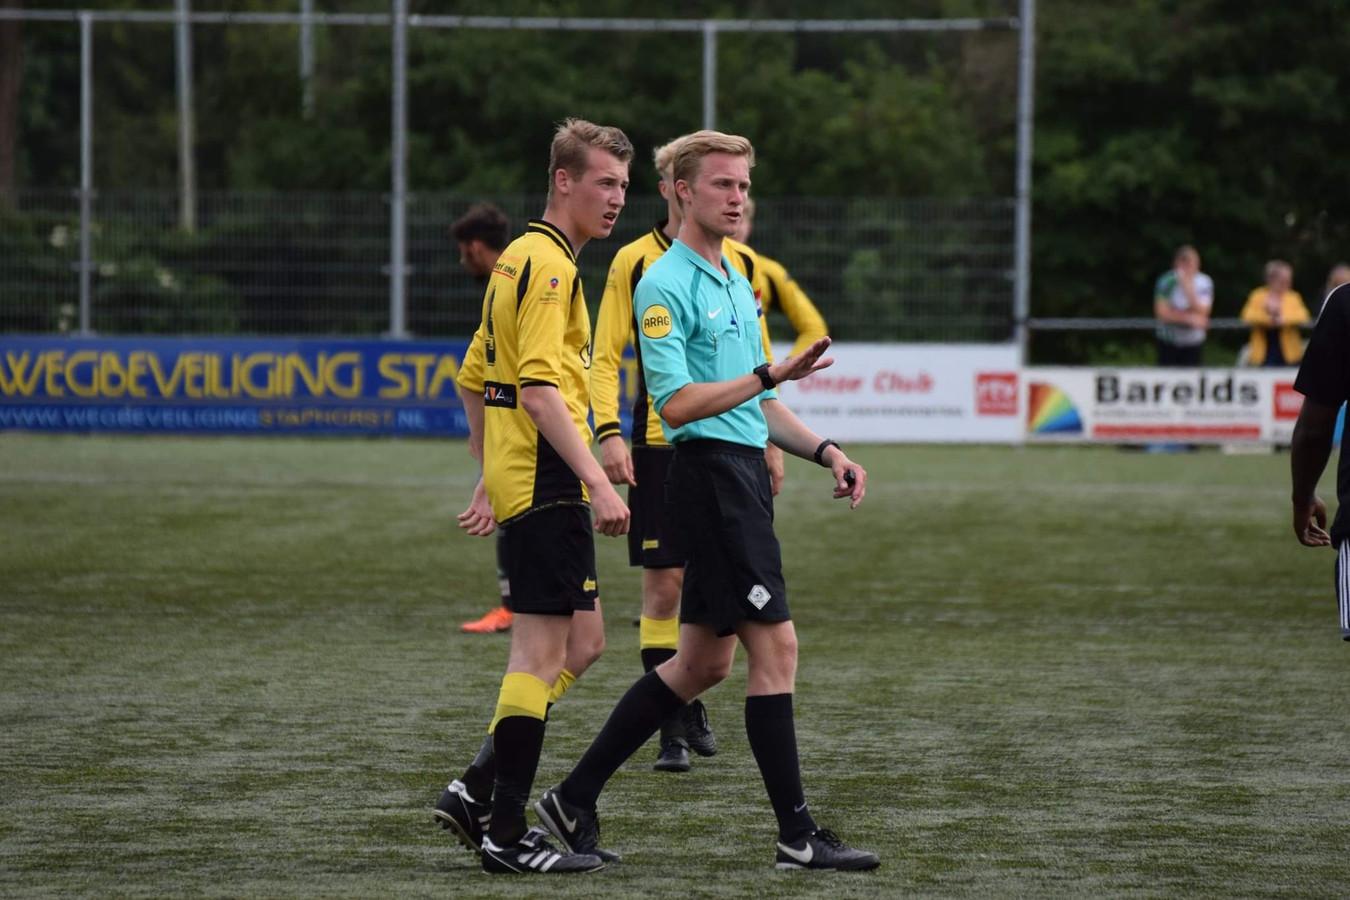 Max Wolfkamp, KNVB-scheidsrechter in het amateurvoetbal en plv. coördinator scheidsrechterszaken bij CSV'28 in Zwolle, in actie op de Drenthe Cup.